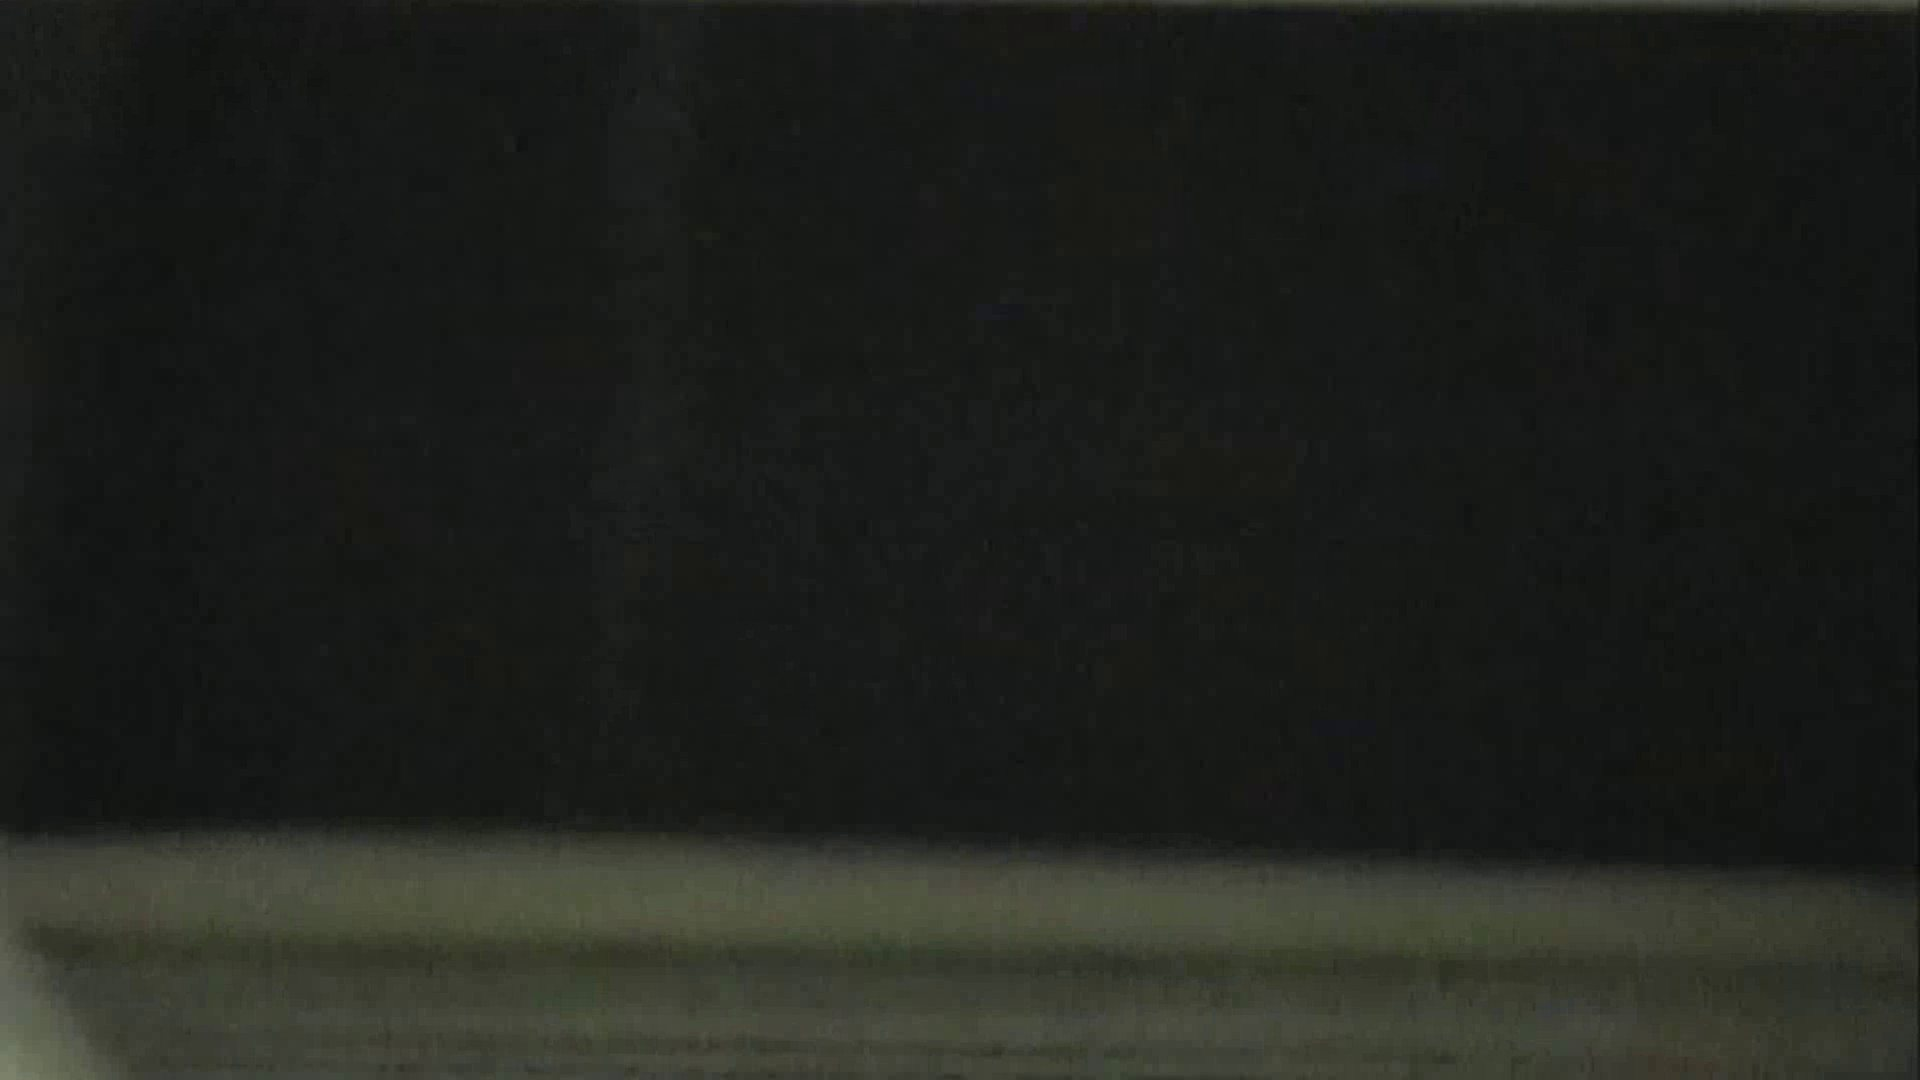 キレカワ女子大生の秘密の洗面所!Vol.010 OLヌード天国 盗み撮り動画キャプチャ 106PIX 74